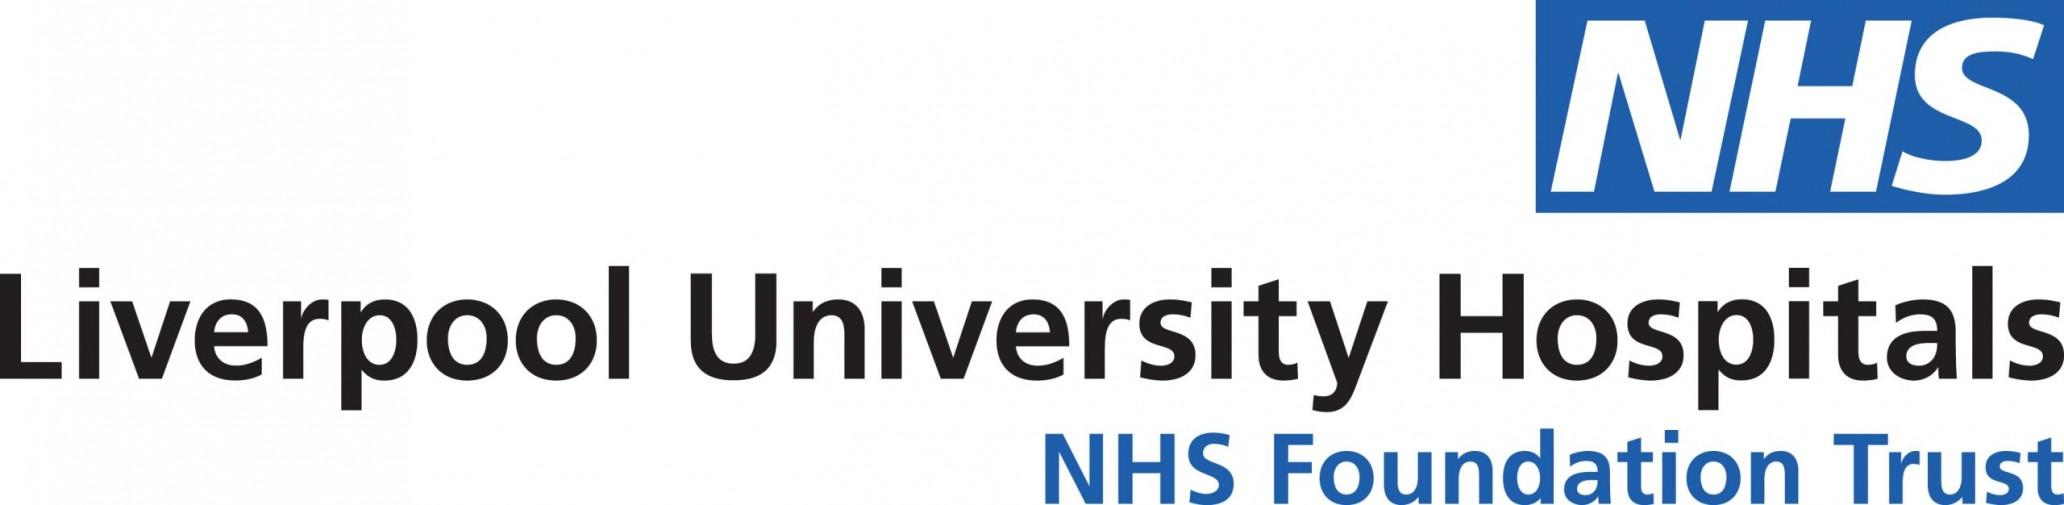 NHS Liverpool University Hospitals